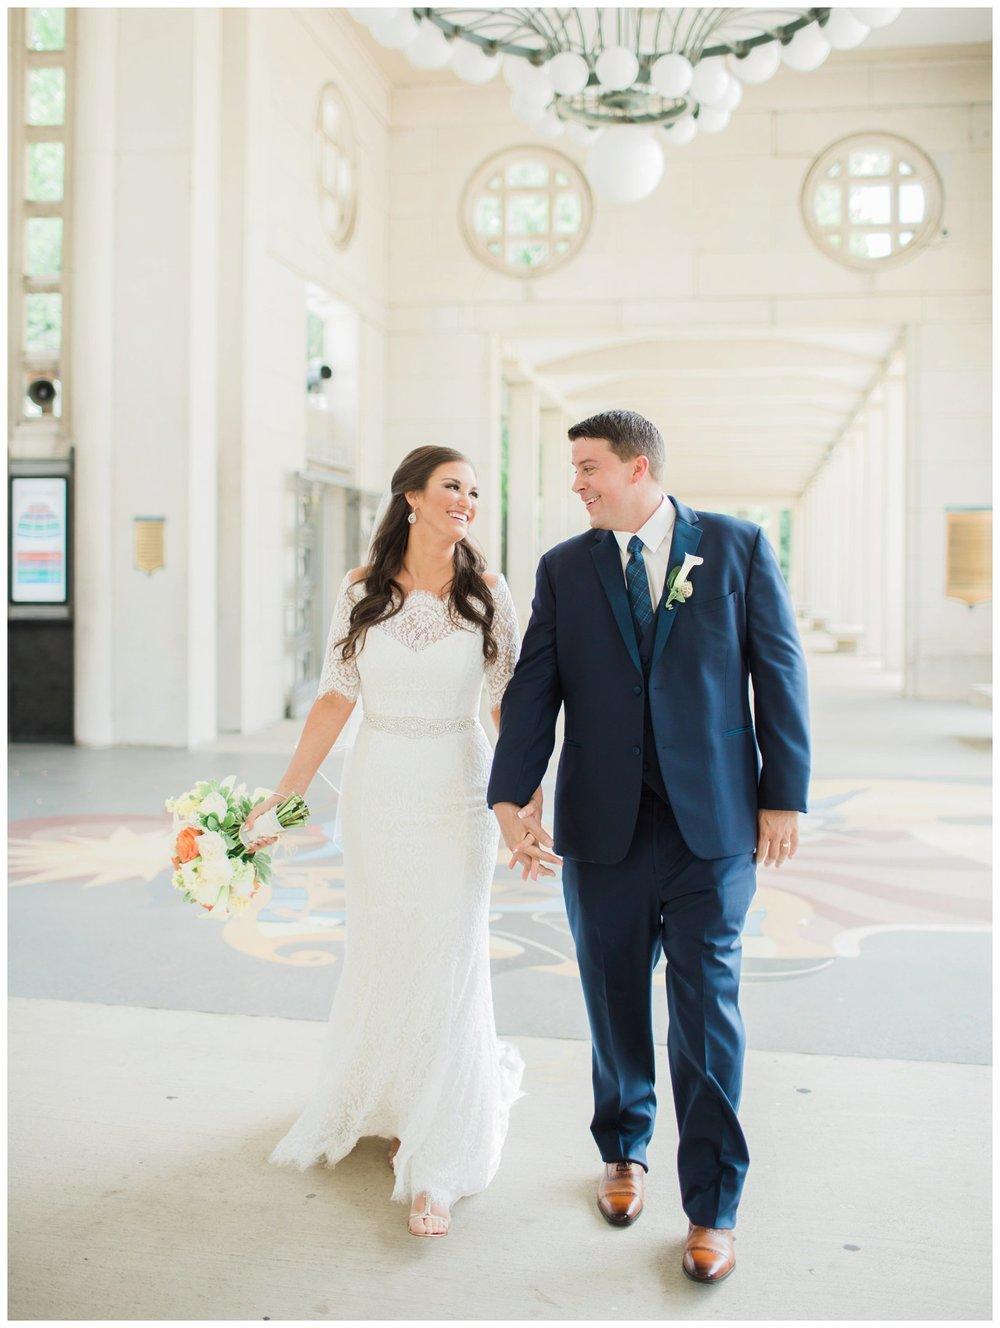 lauren muckler photography_fine art film wedding photography_st louis_photography_1254.jpg